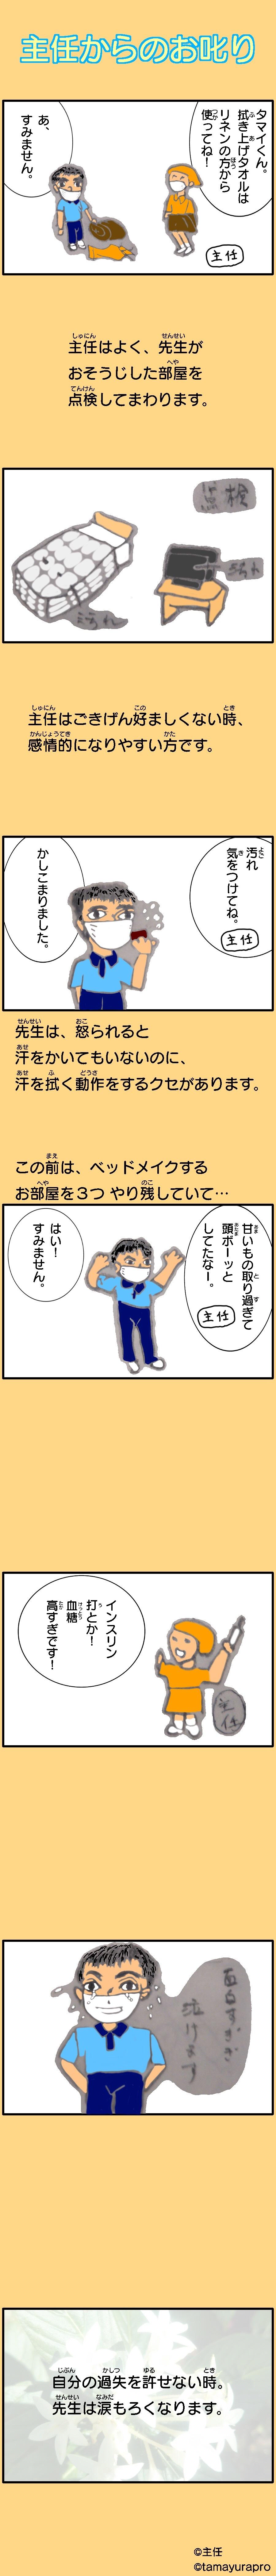 アイキャッチ:【実践】縦スクロールマンガの描き方。